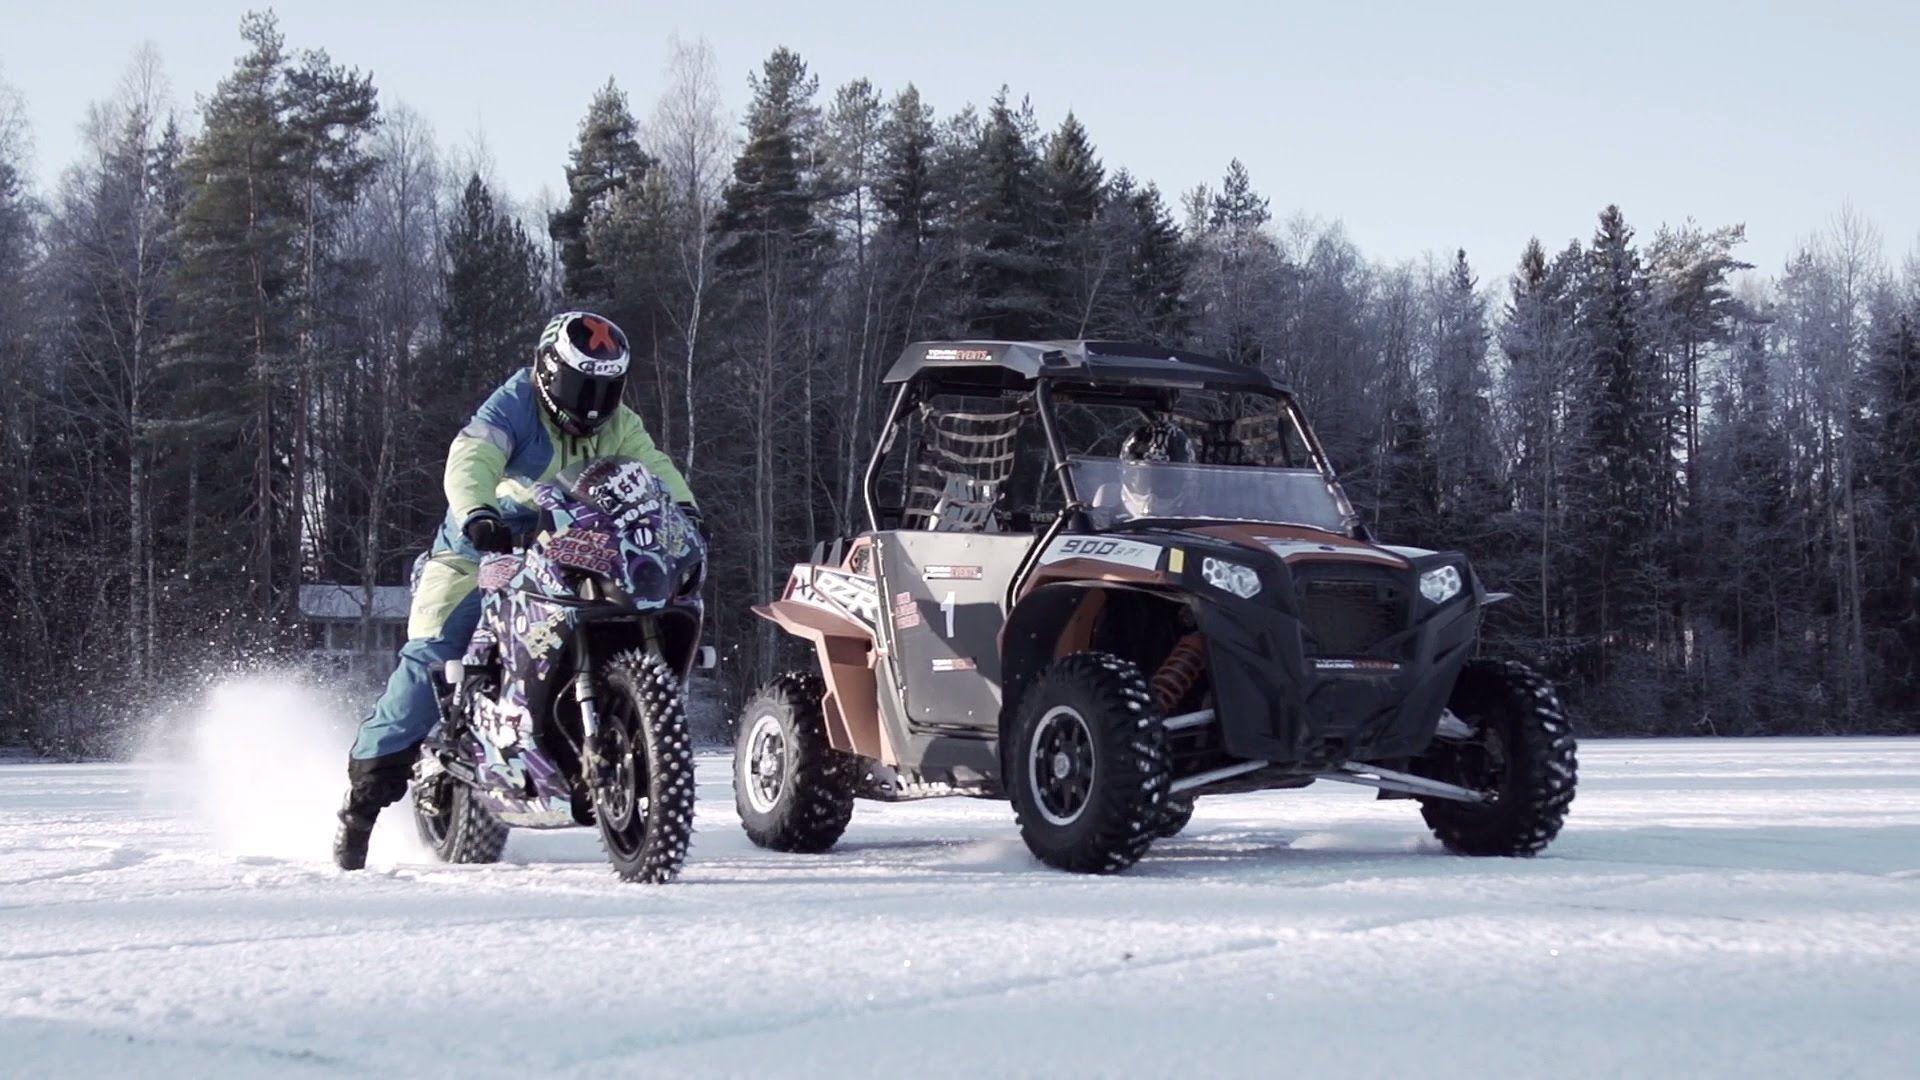 Drift Battle Bike Vs Buggy On Ice Motocross Videos Gsx